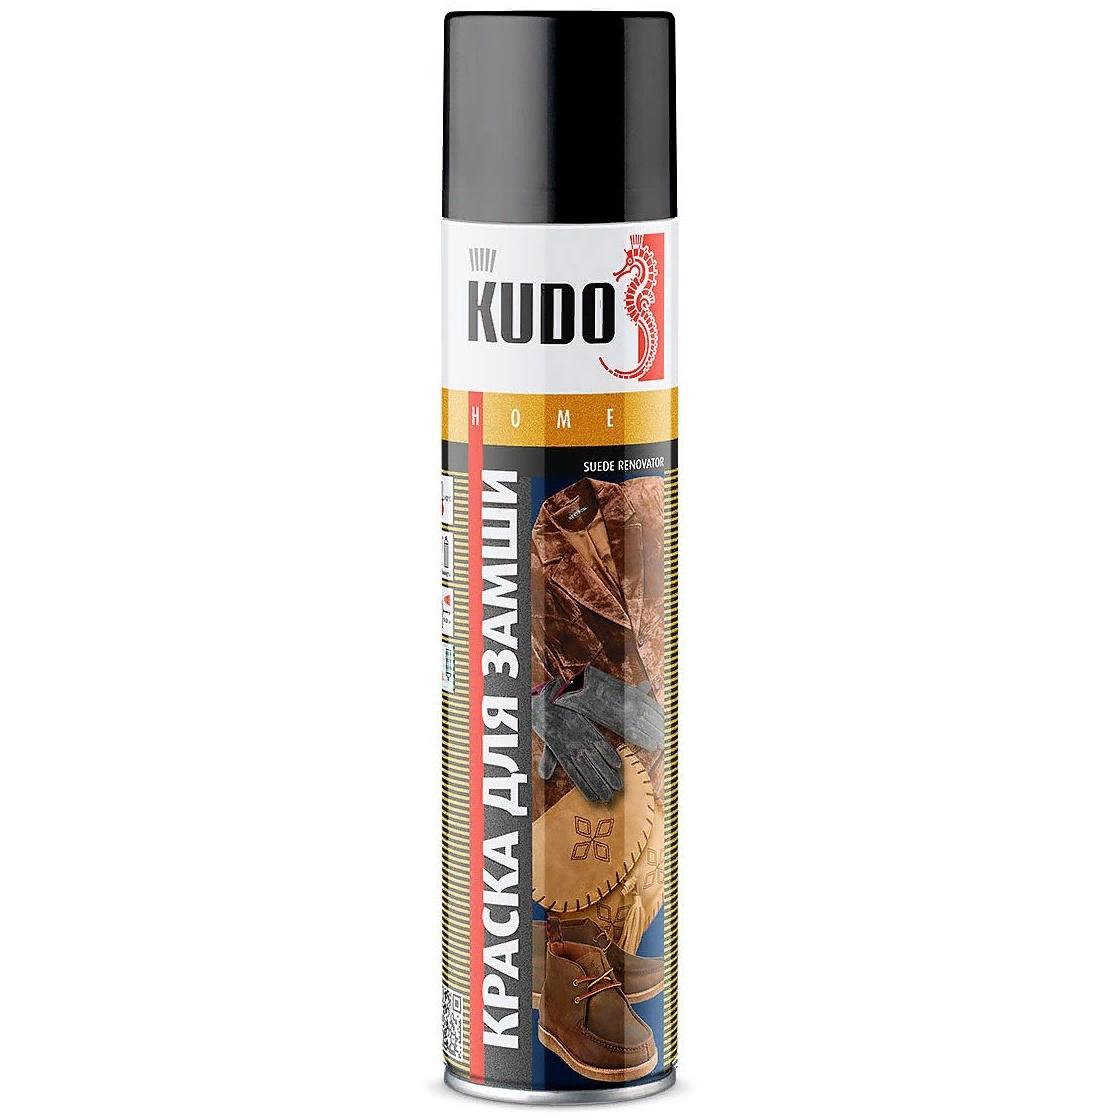 Средство для обуви и одежды KUDO краска для замши и нубука, аэрозоль, 400 мл, черный цена и фото